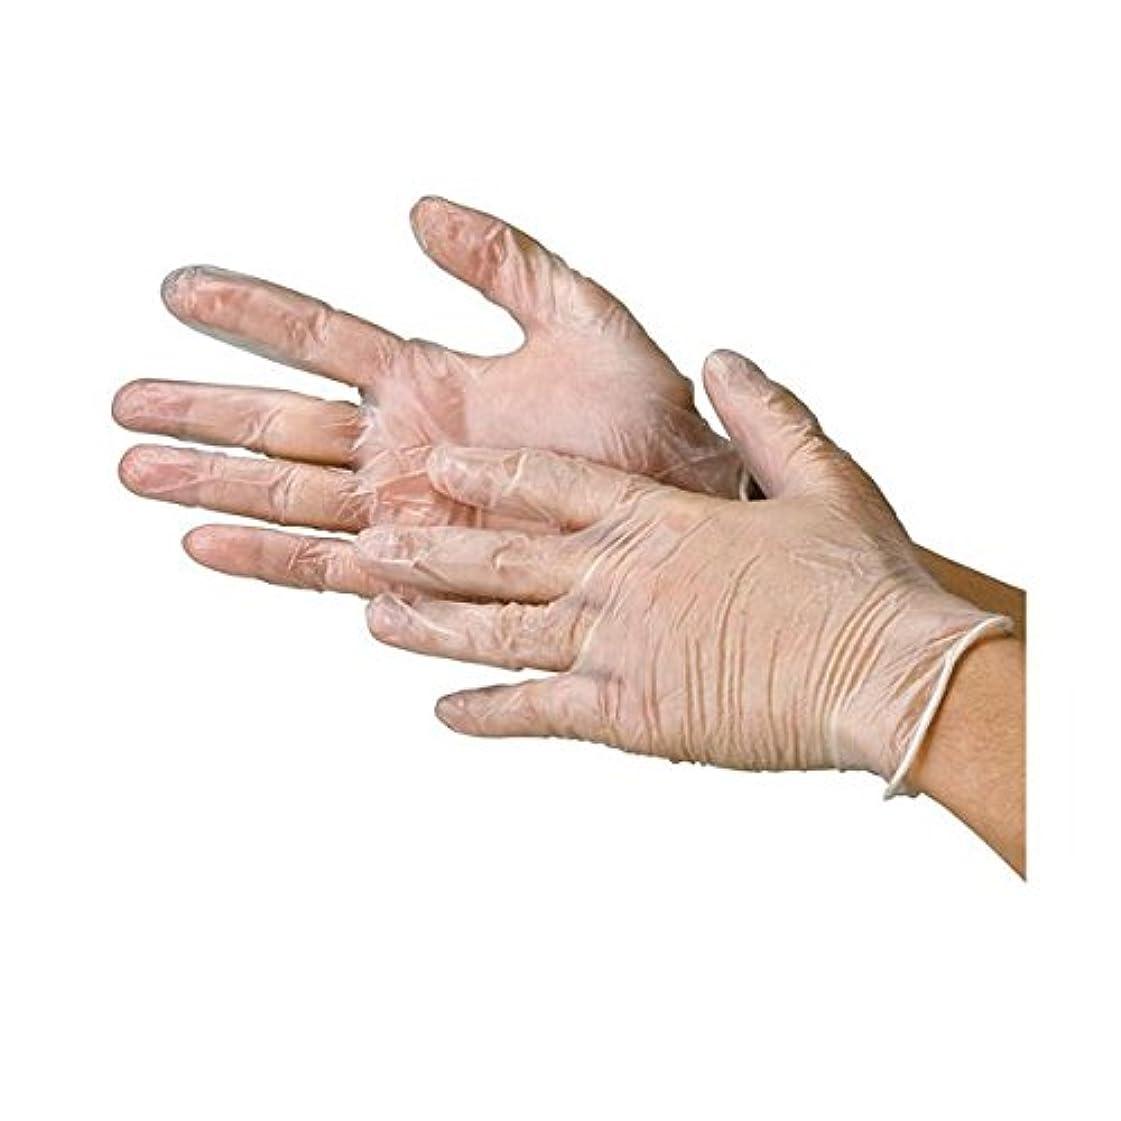 サンダル精神医学ランダム川西工業 ビニール極薄手袋 粉つき S 20袋 ds-1915764